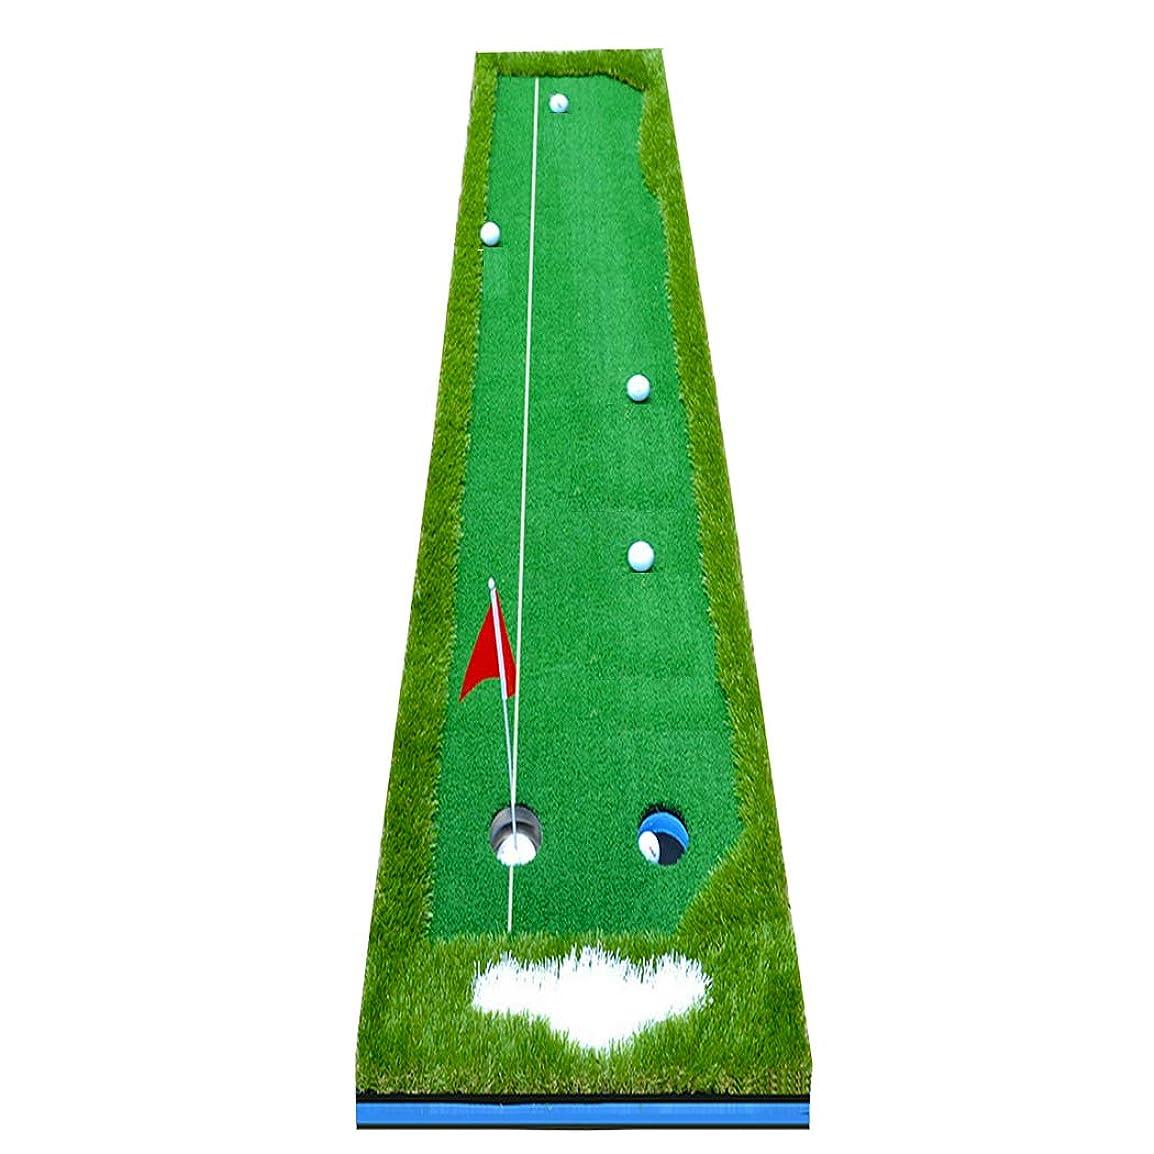 エキゾチック織機切るEnhong ゴルフ練習用パターマット ゴルフパター パッティング グリーン 誘導ライン有 サイズ300×50cm 300×75cm